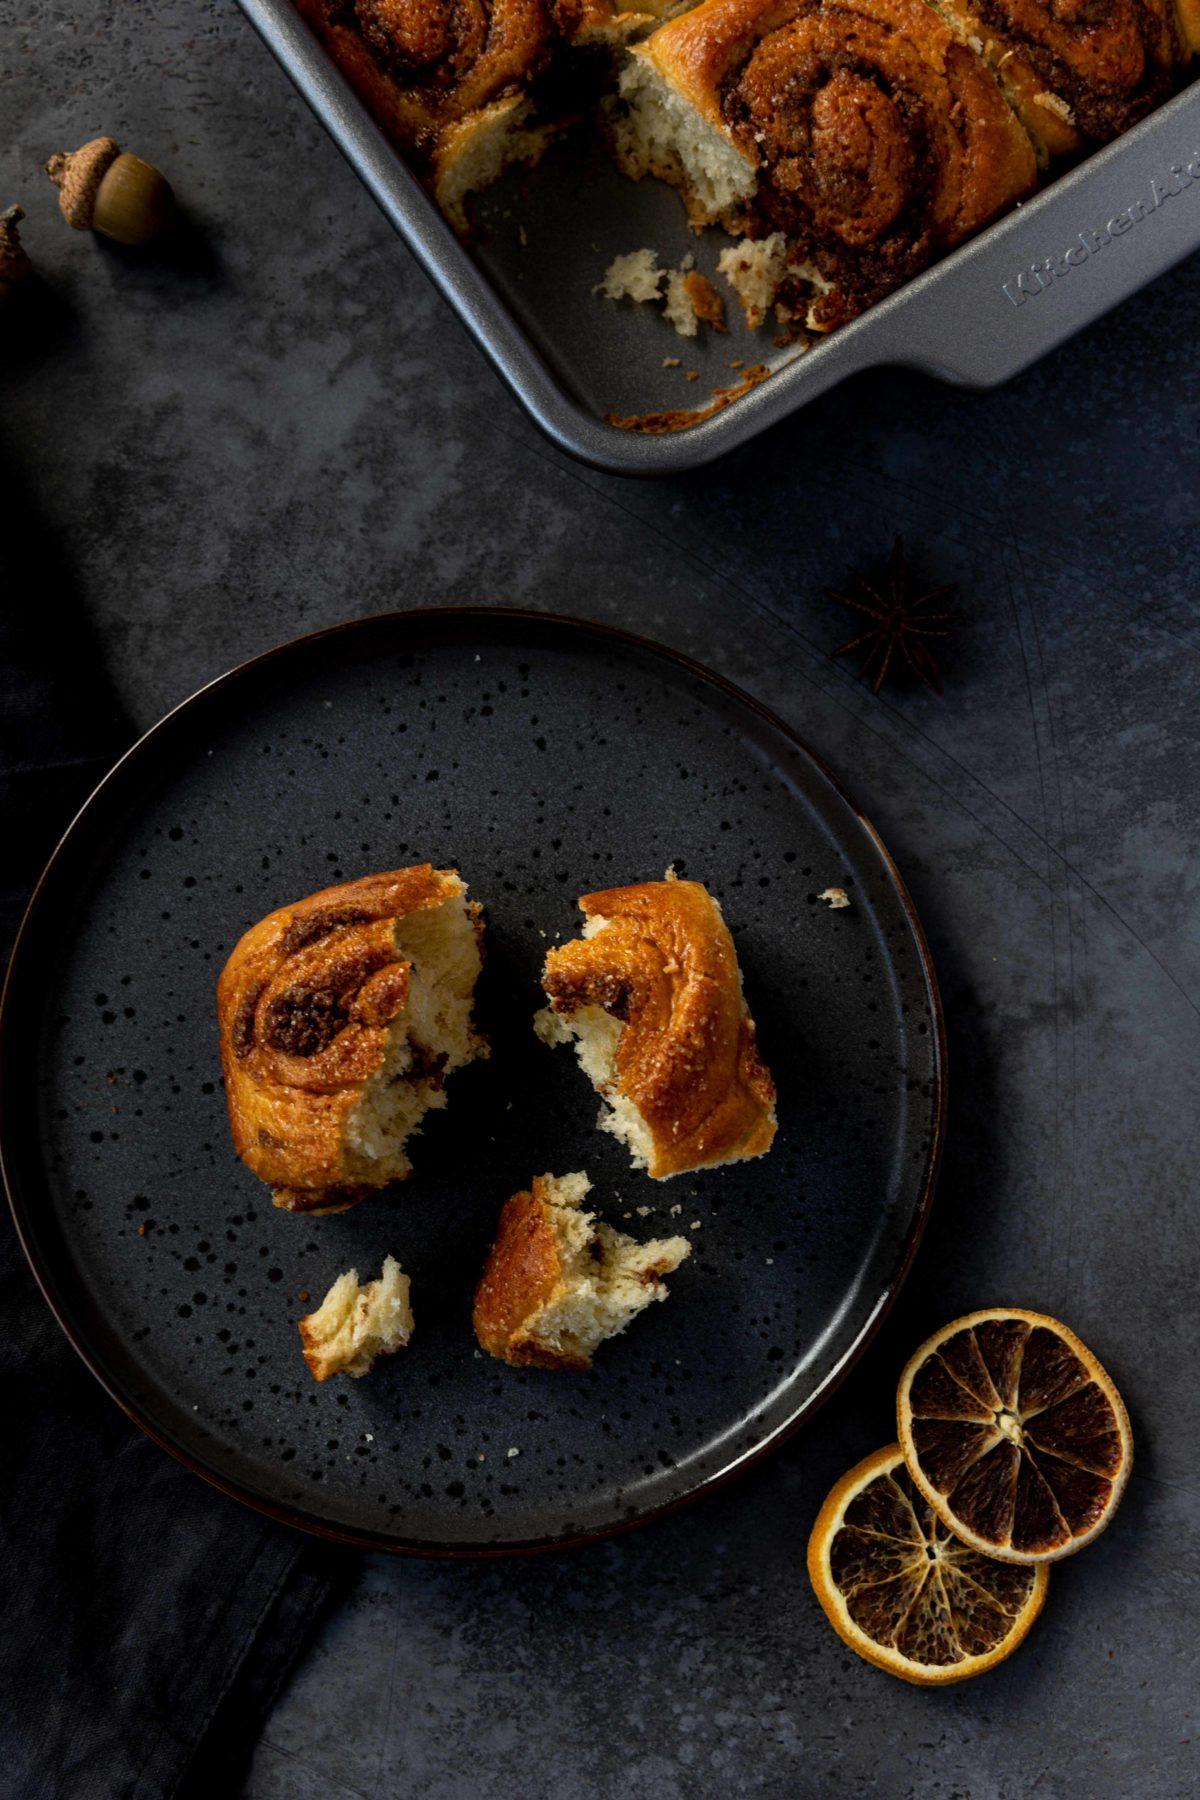 Zimtschnecken mit Nutella-Orangen-Füllung // Cinnamon Rolls with nutella and orange by https://babyrockmyday.com/zimtschnecken-mit-nutella-orangen-fuellung/